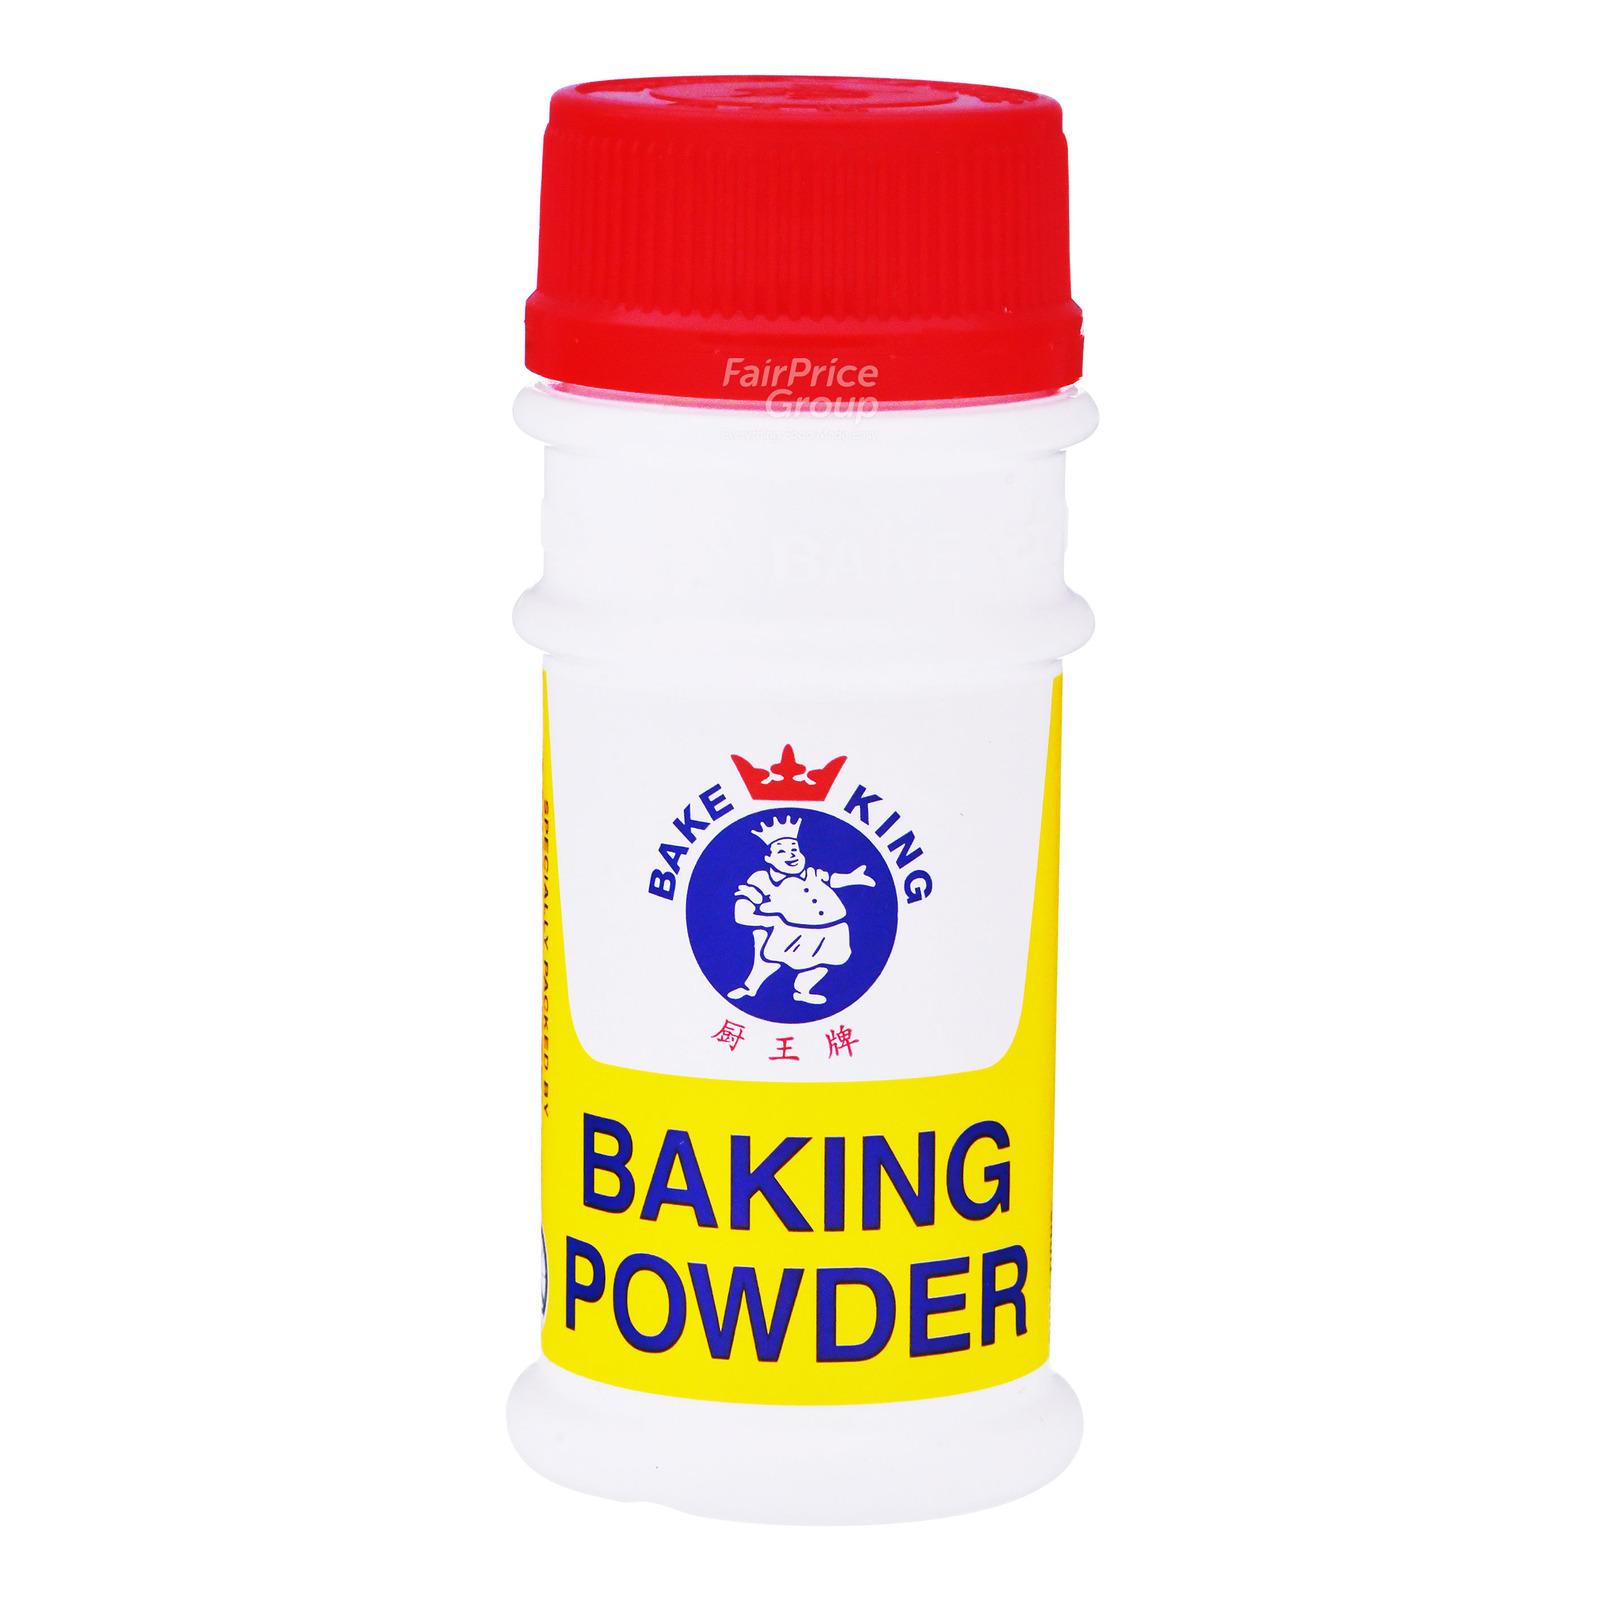 Bake King Baking Powder